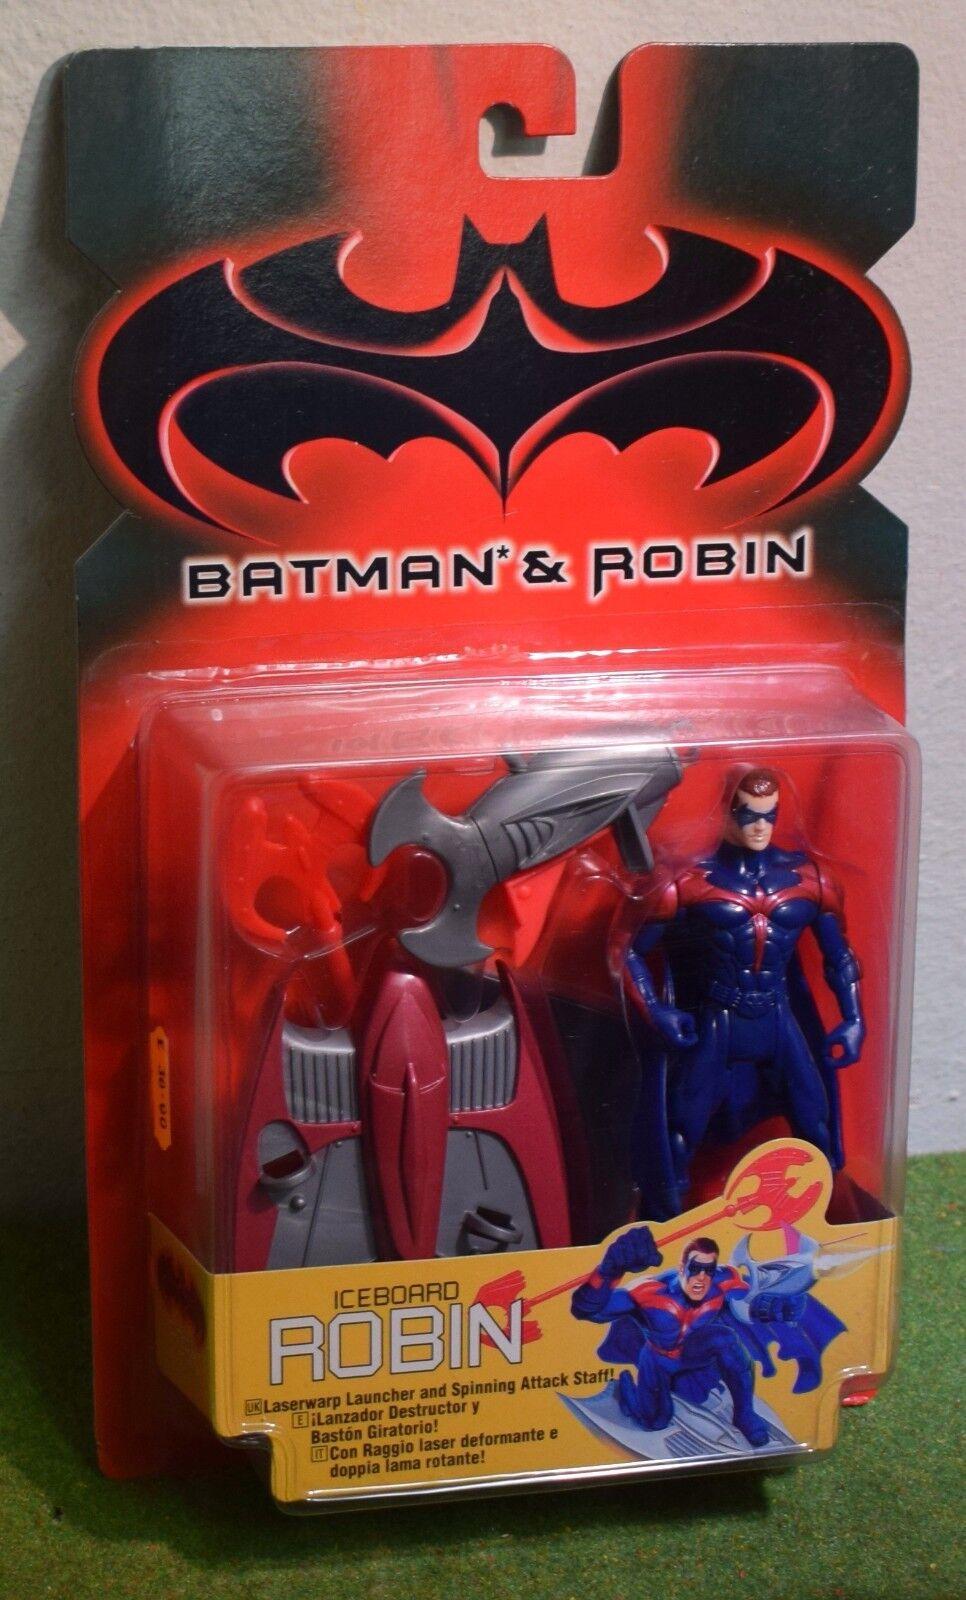 KENNER BATMAN & ROBIN ICEBOARD ROBIN ACTION FIGURE